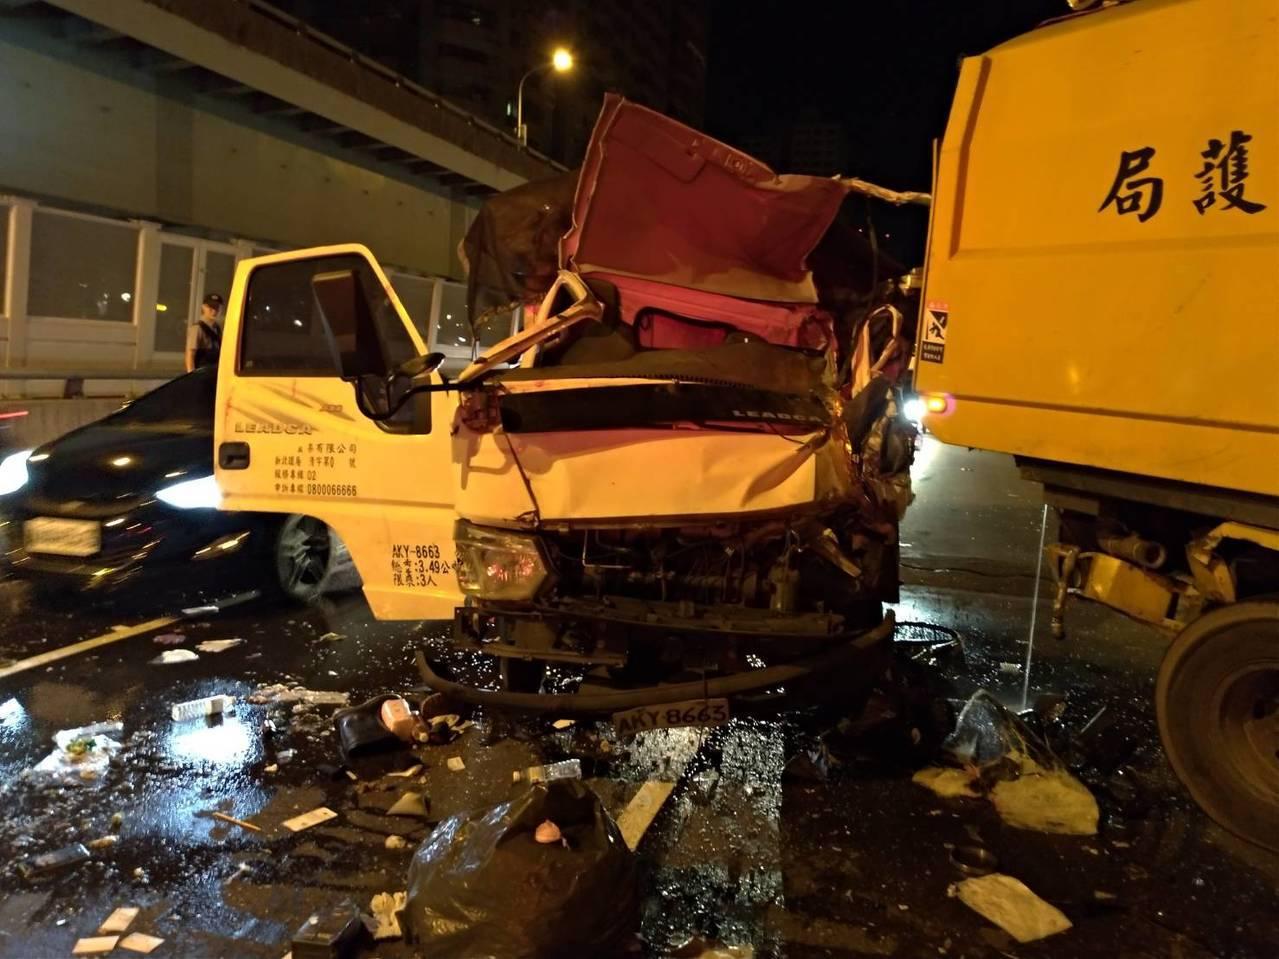 盧姓男子駕駛資源回收車,在新北市大漢橋撞上新北市環保局掃街車,盧男不幸身亡。記者...